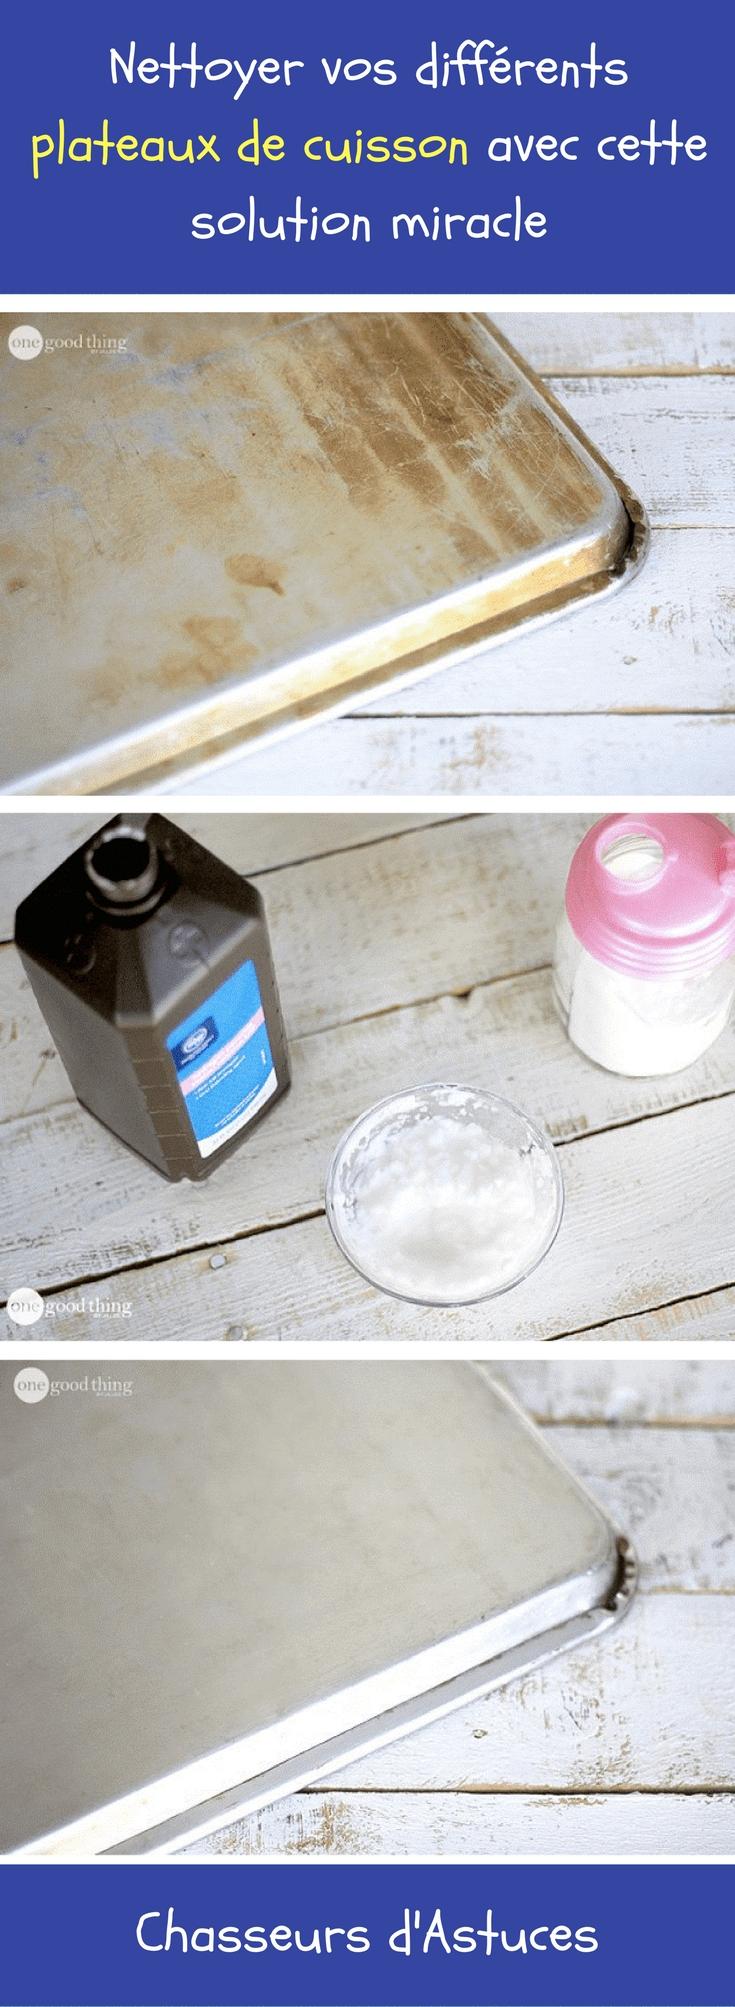 Nettoyer-vos-diff%C3%A9rents-plateaux-de-cuisson-avec-cette-solution-miracle.jpg